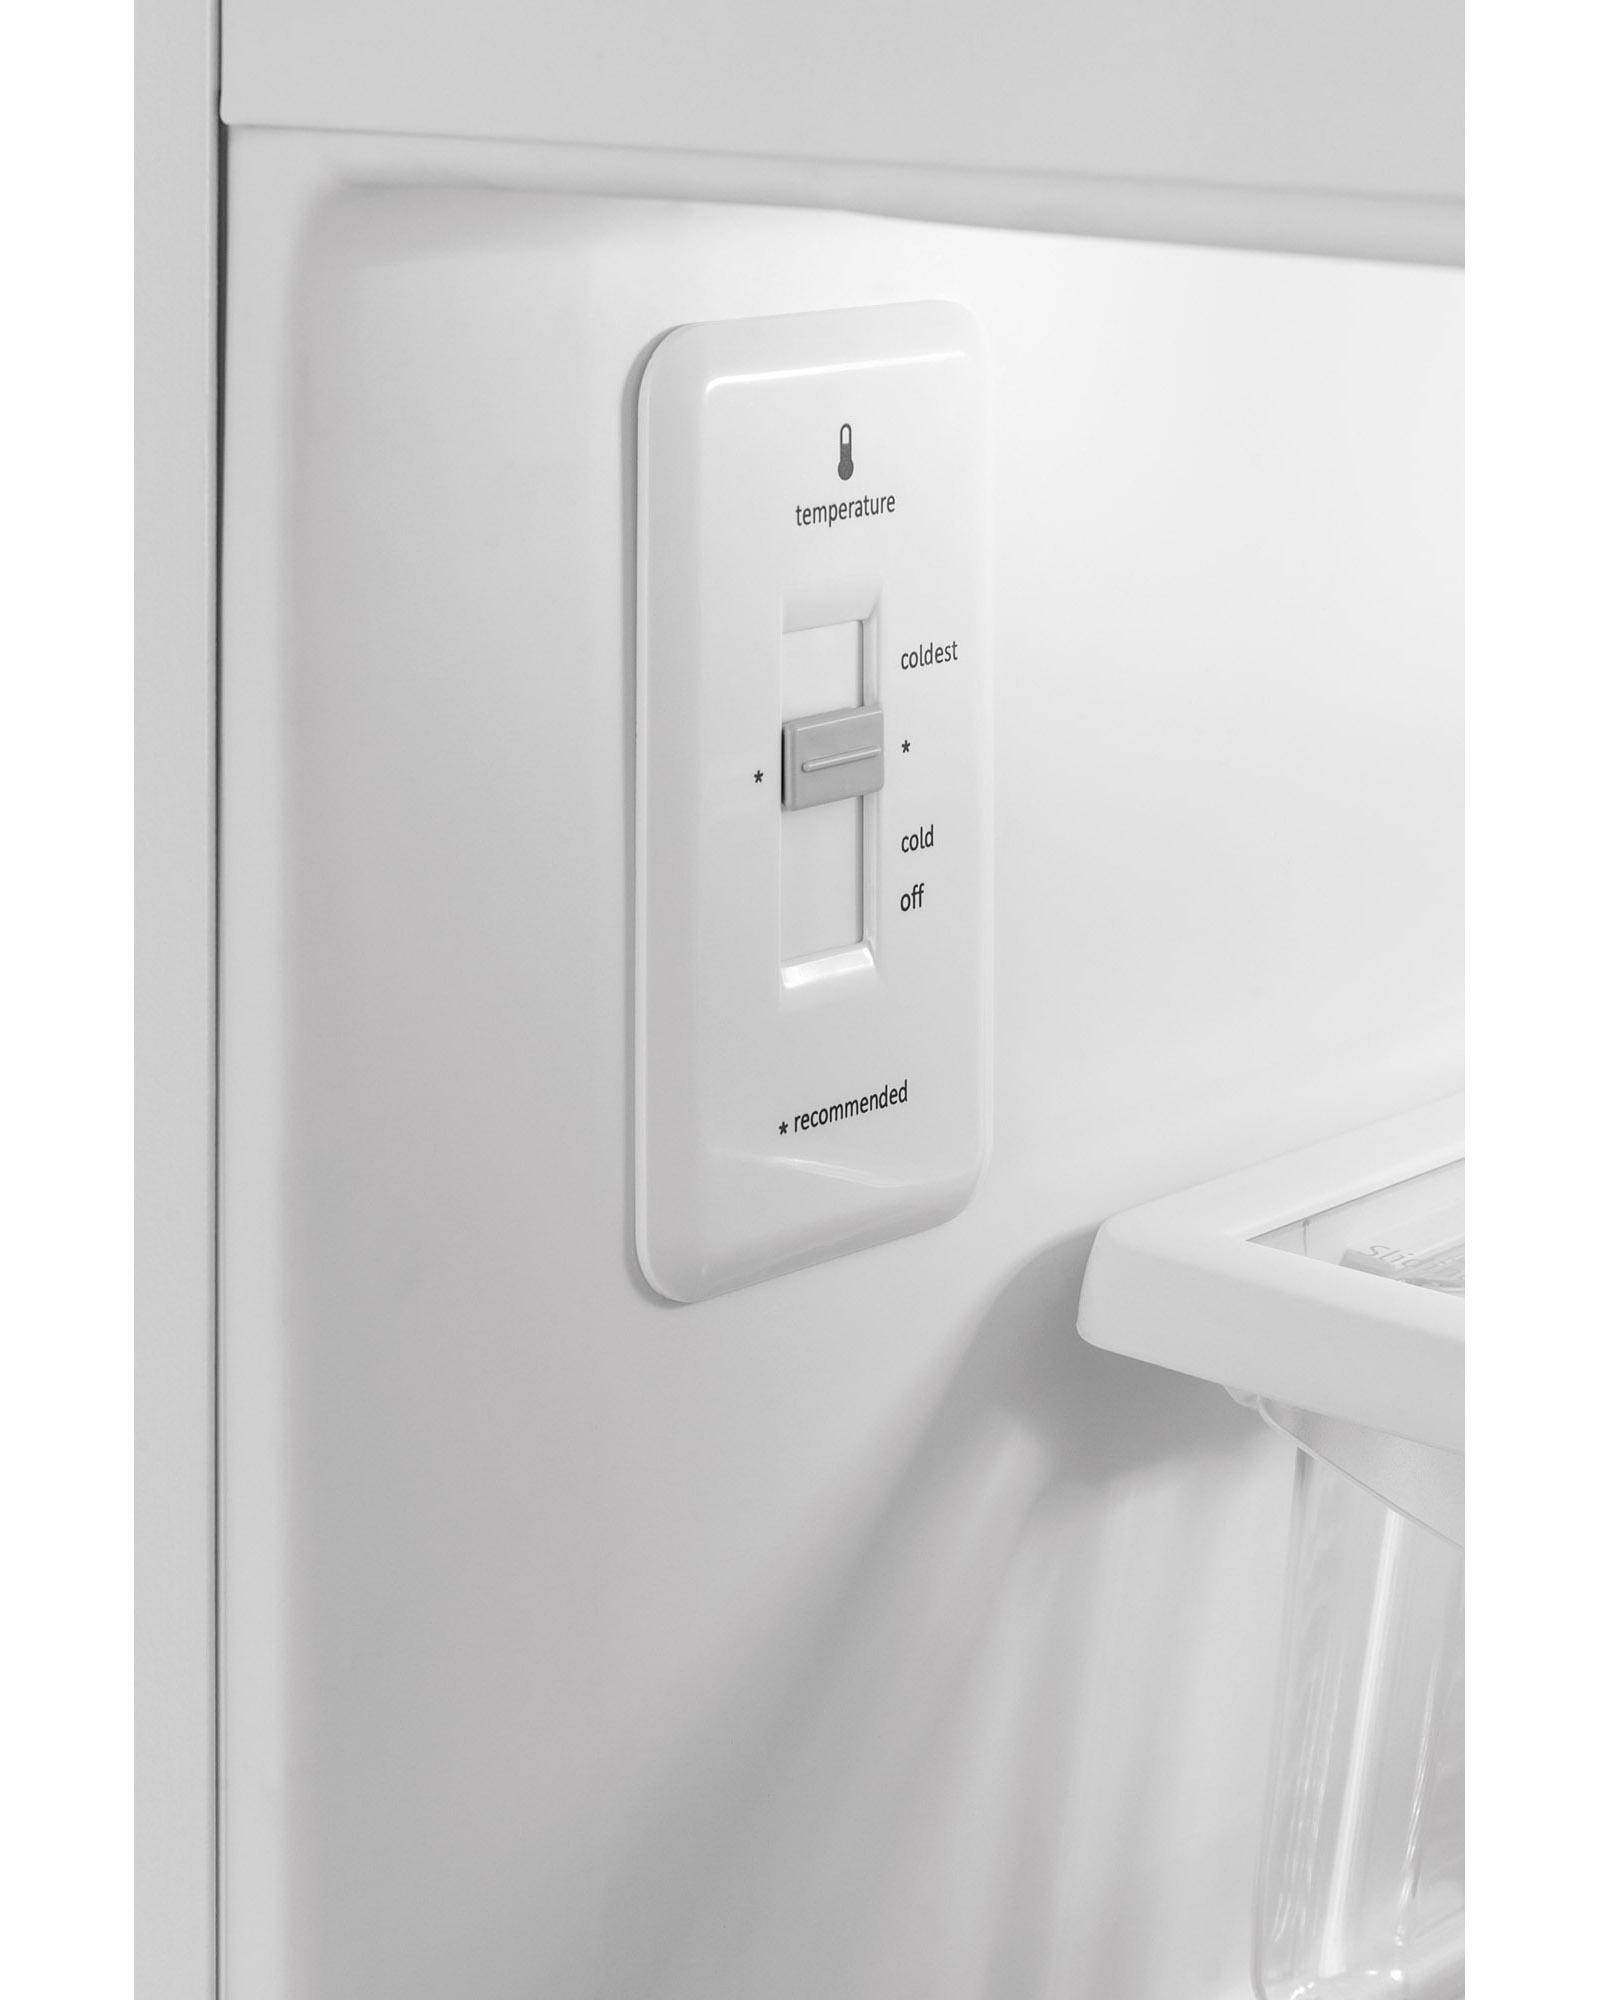 Frigidaire FFHI1831QE 18 cu. ft. Top Freezer Refrigerator - Black